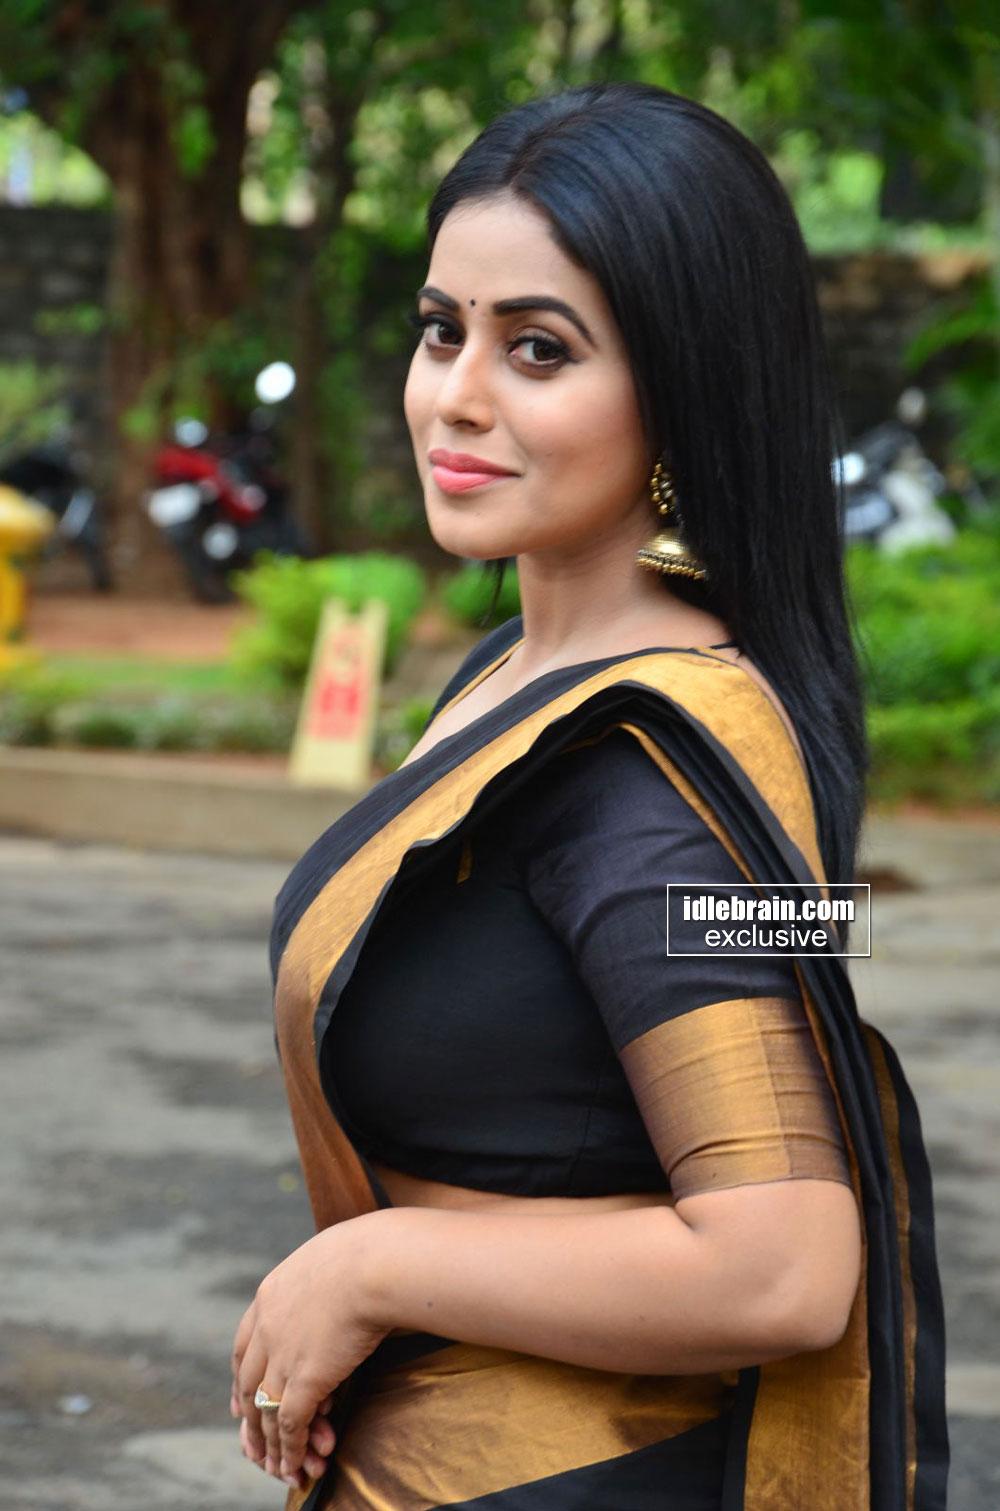 Tamil Telugu Malayalam Actress Poorna Hot Sexy Look At -5006